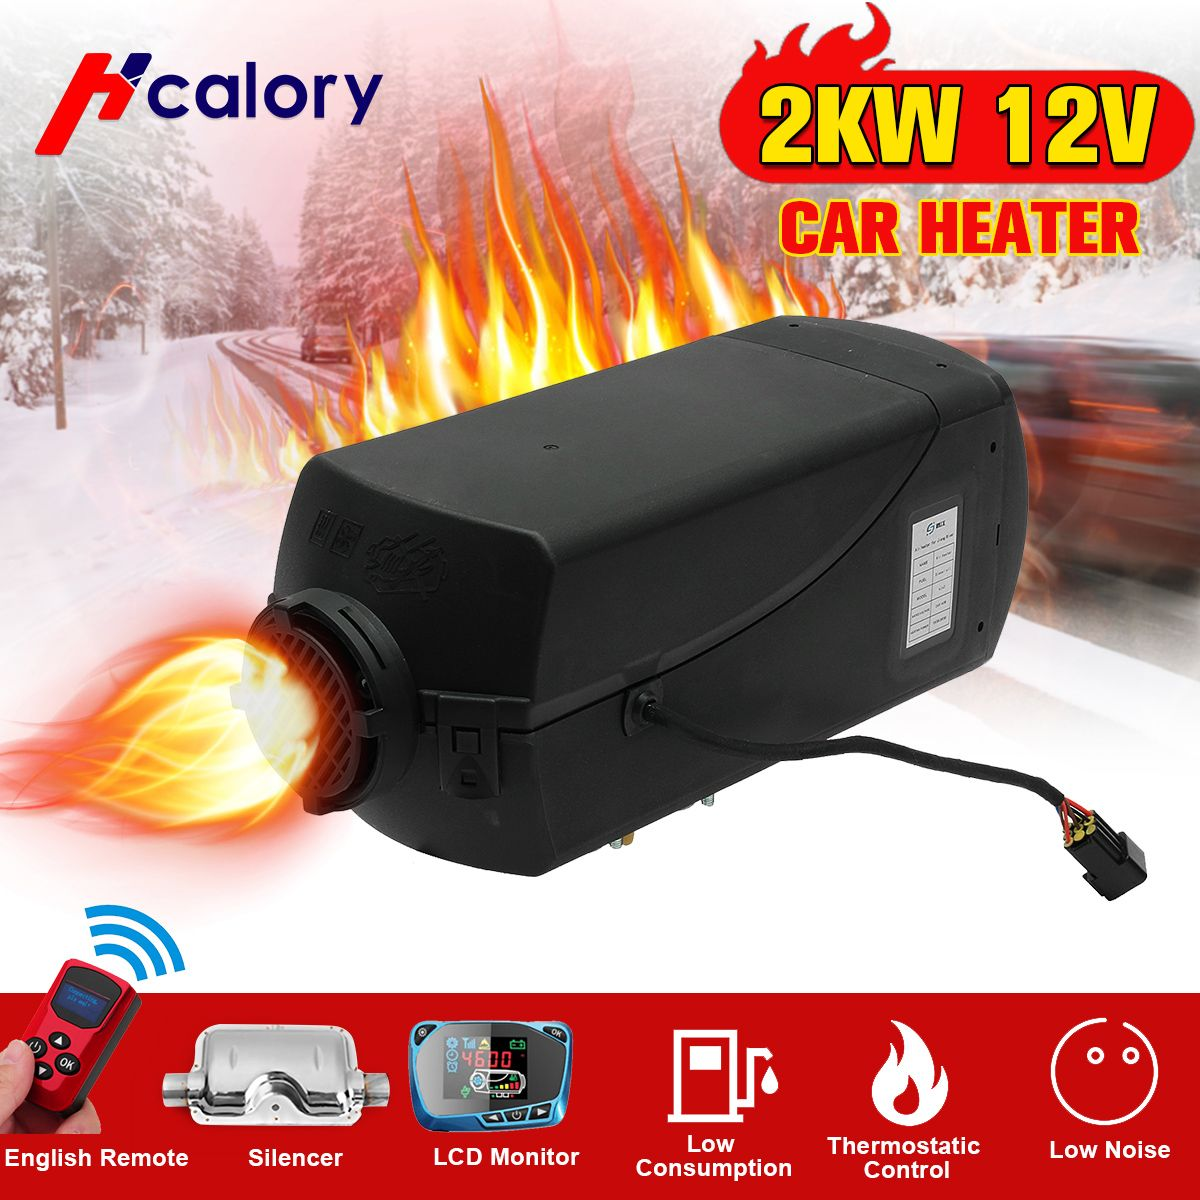 Auto Heizung 2KW 12 V Air Diesel Heizung Standheizung Mit Fernbedienung LCD Monitor Für RV, wohnmobil Anhänger, Lkw, Boote